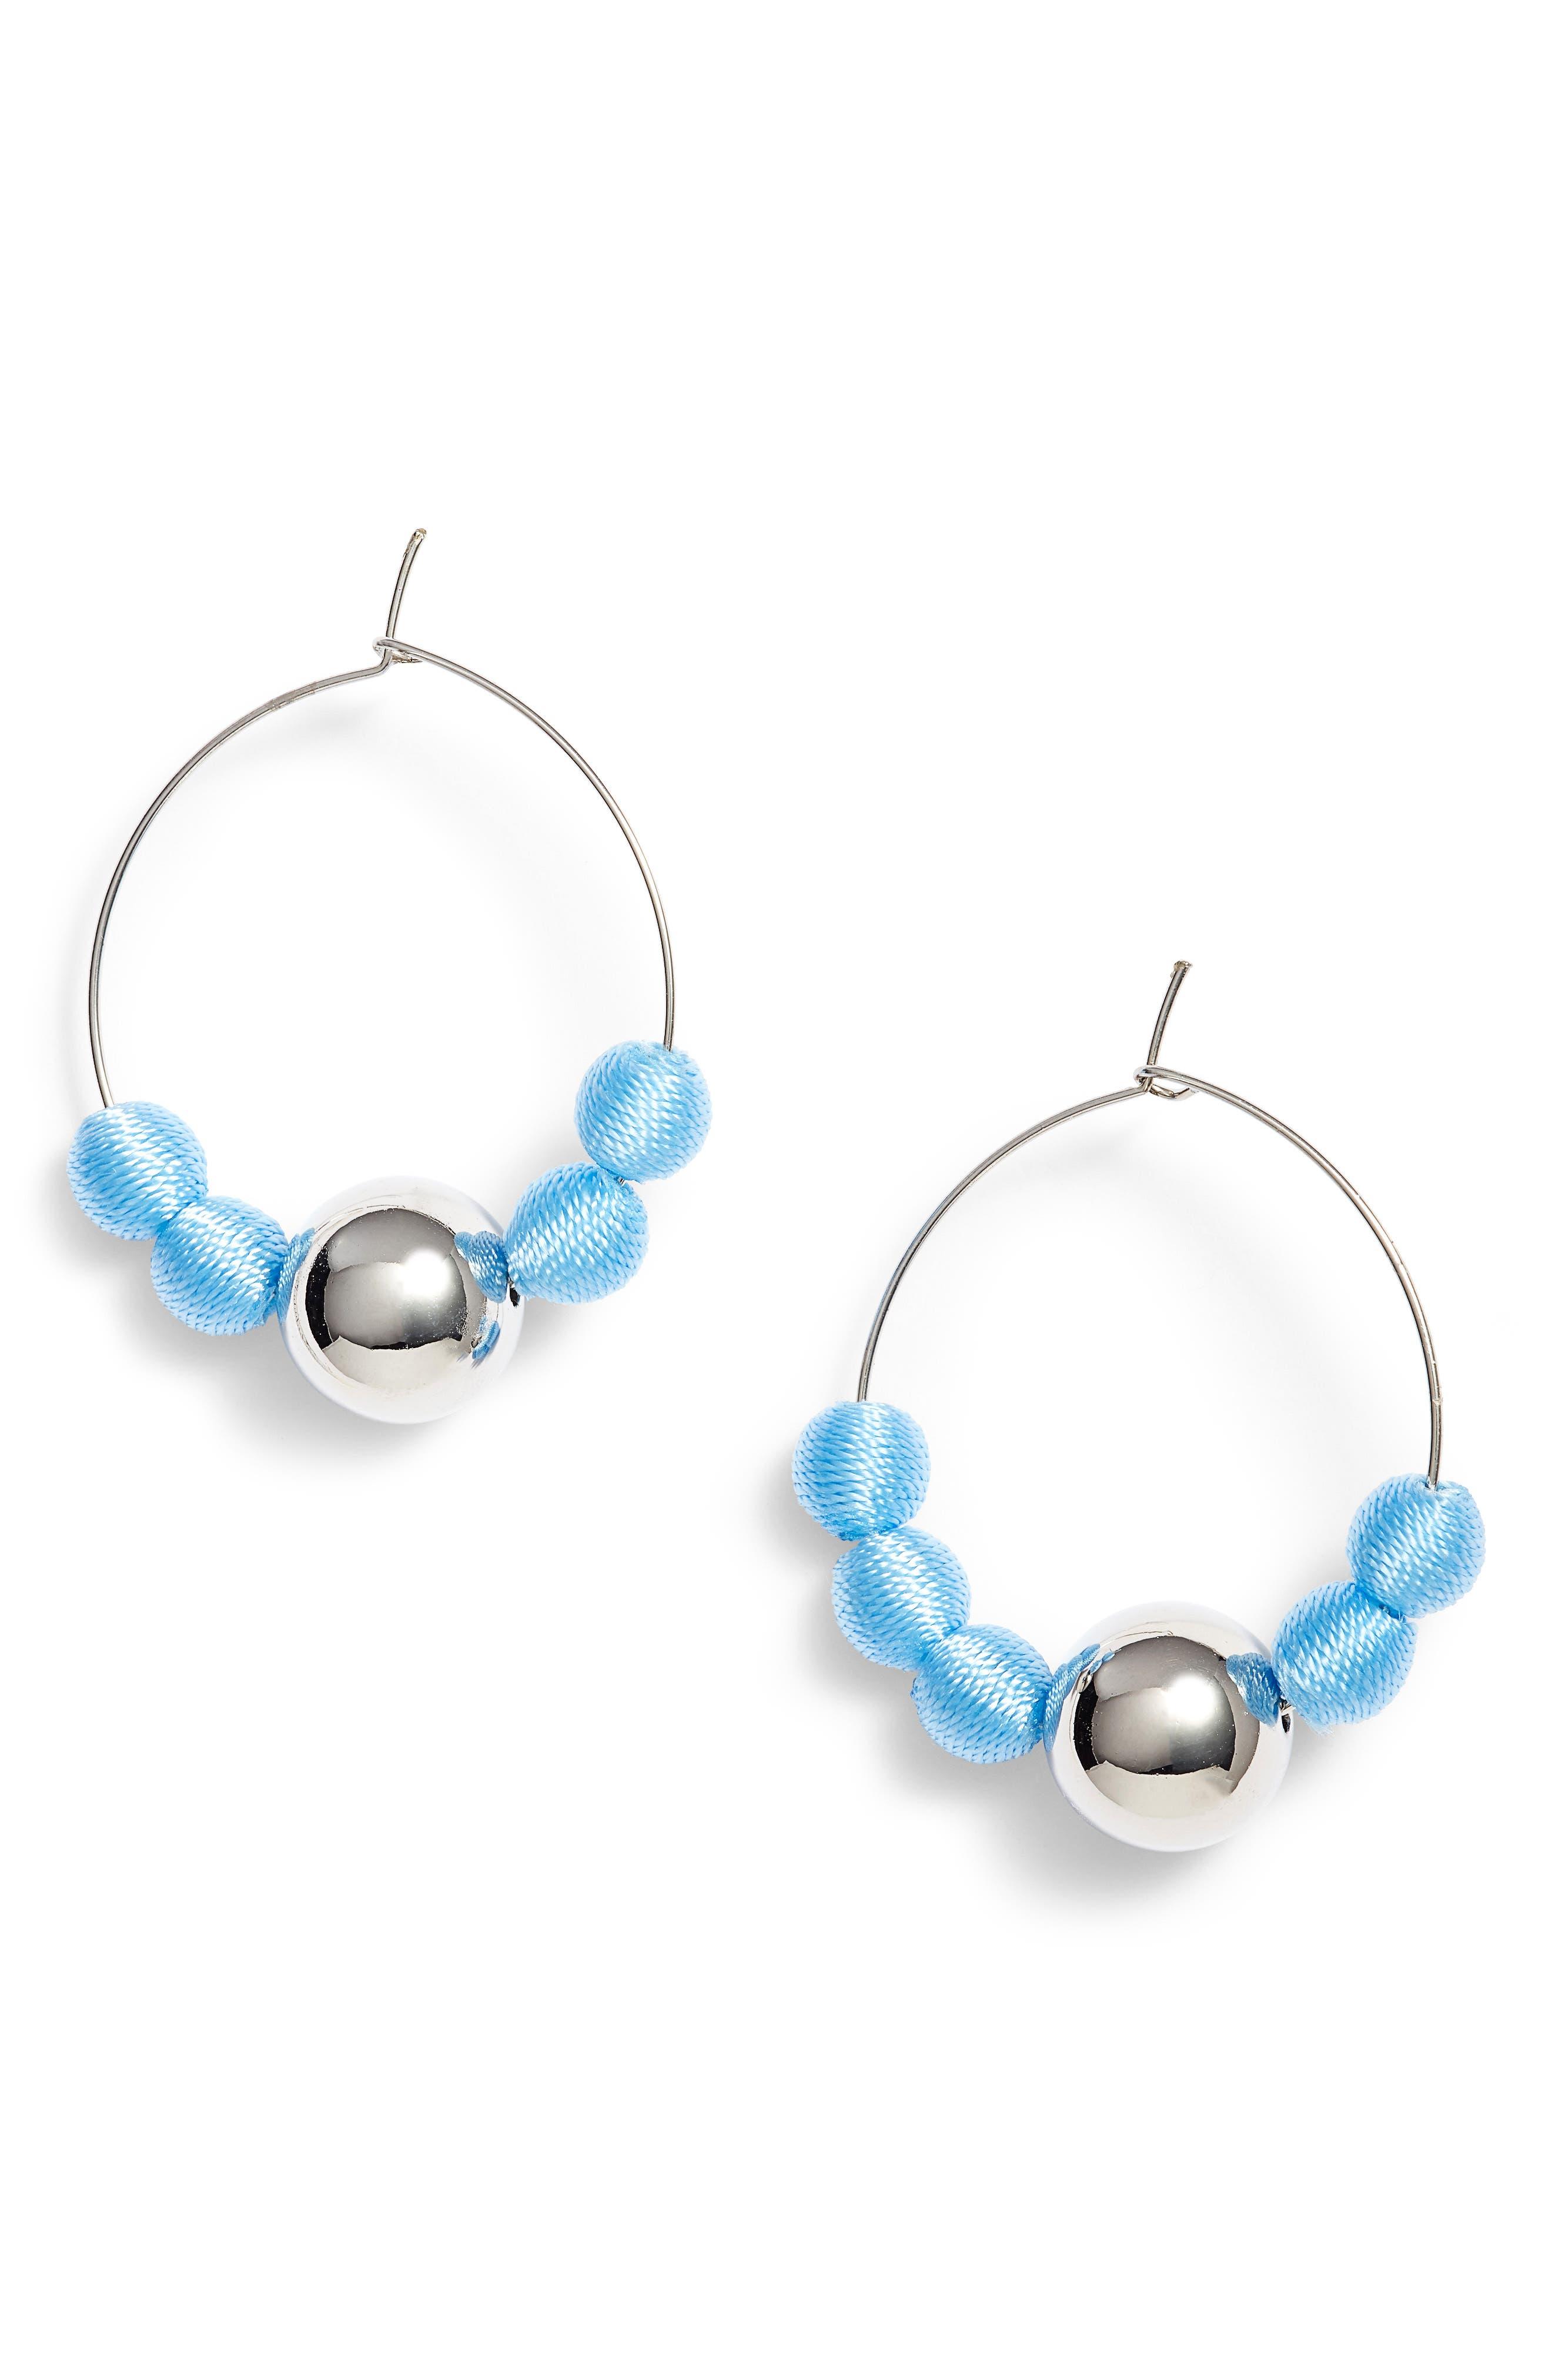 Threaded Sphere Hoop Earrings,                             Main thumbnail 1, color,                             040